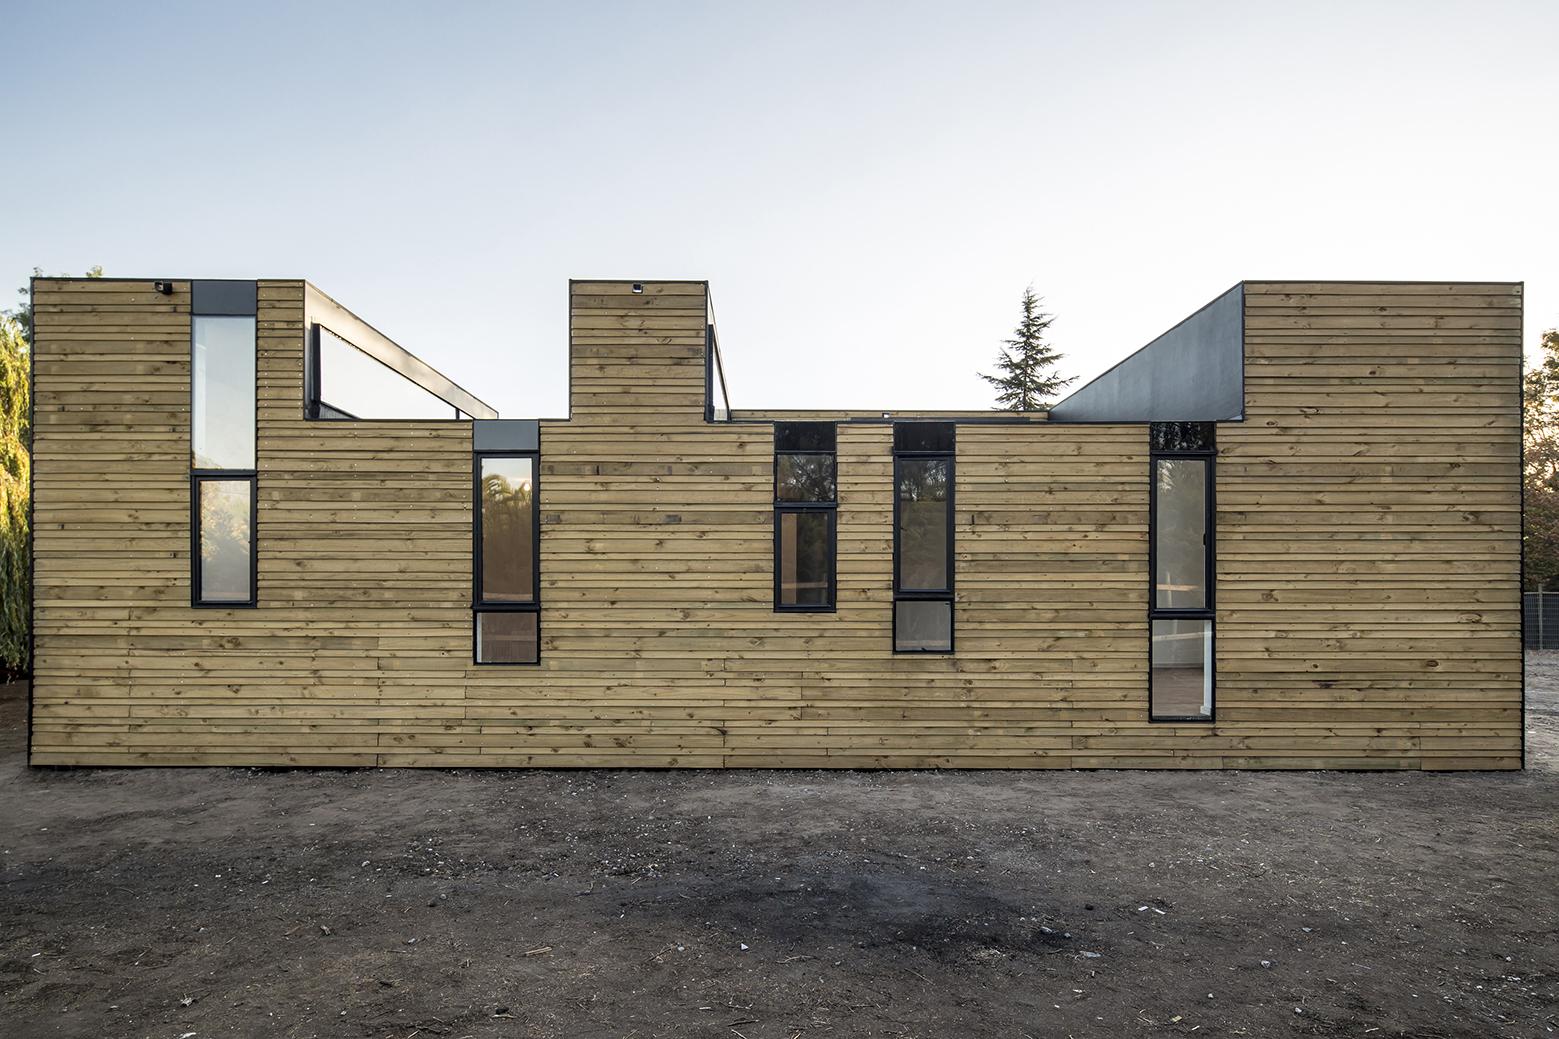 Locuinta Sipm3 O Casa Din Panouri Prefabricate Dar Cu